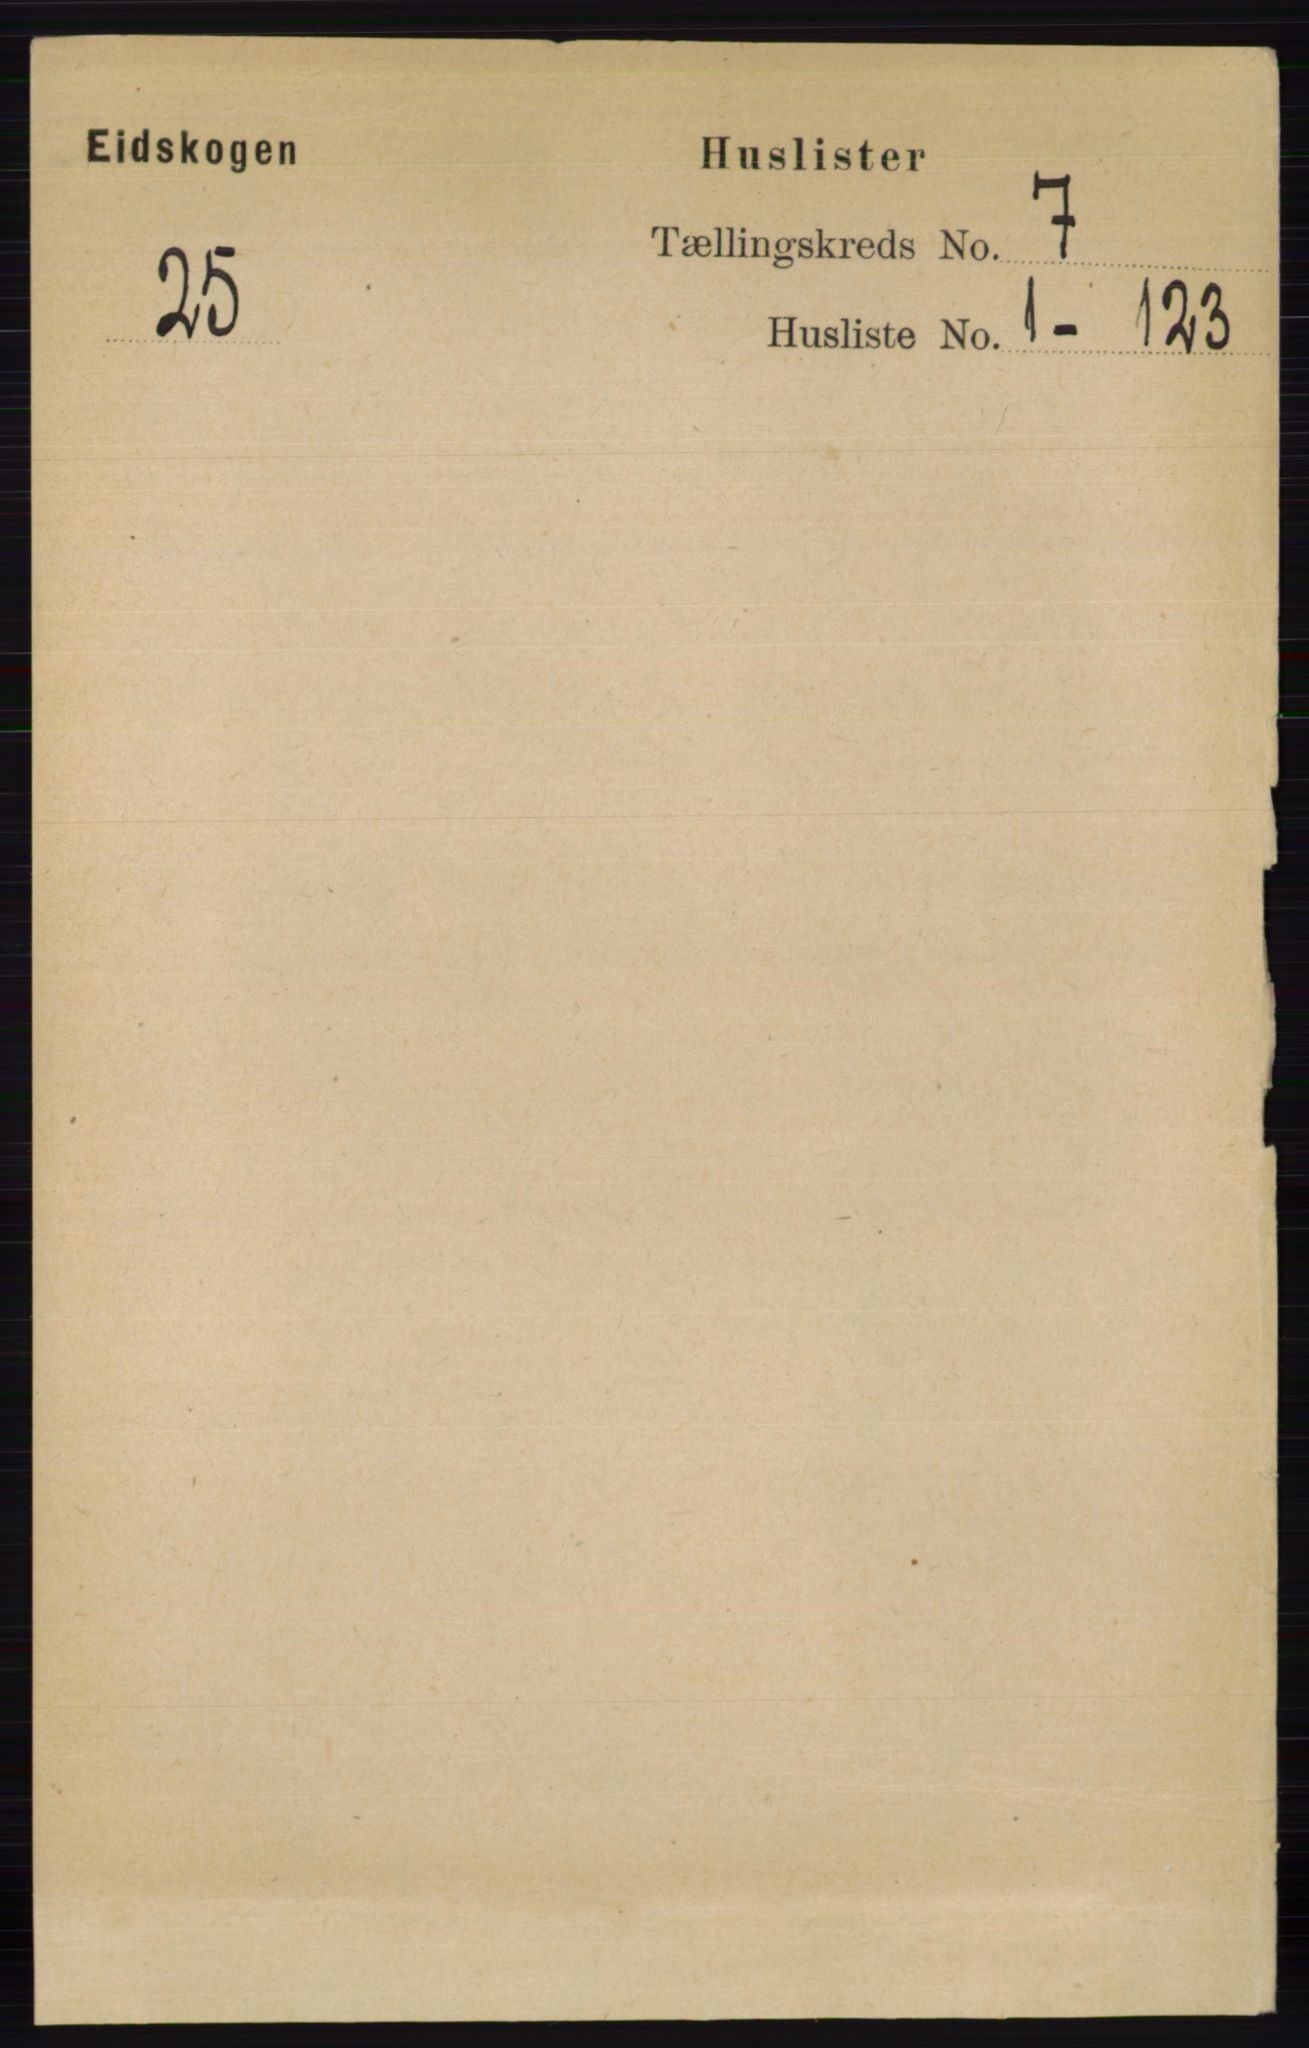 RA, Folketelling 1891 for 0420 Eidskog herred, 1891, s. 3550